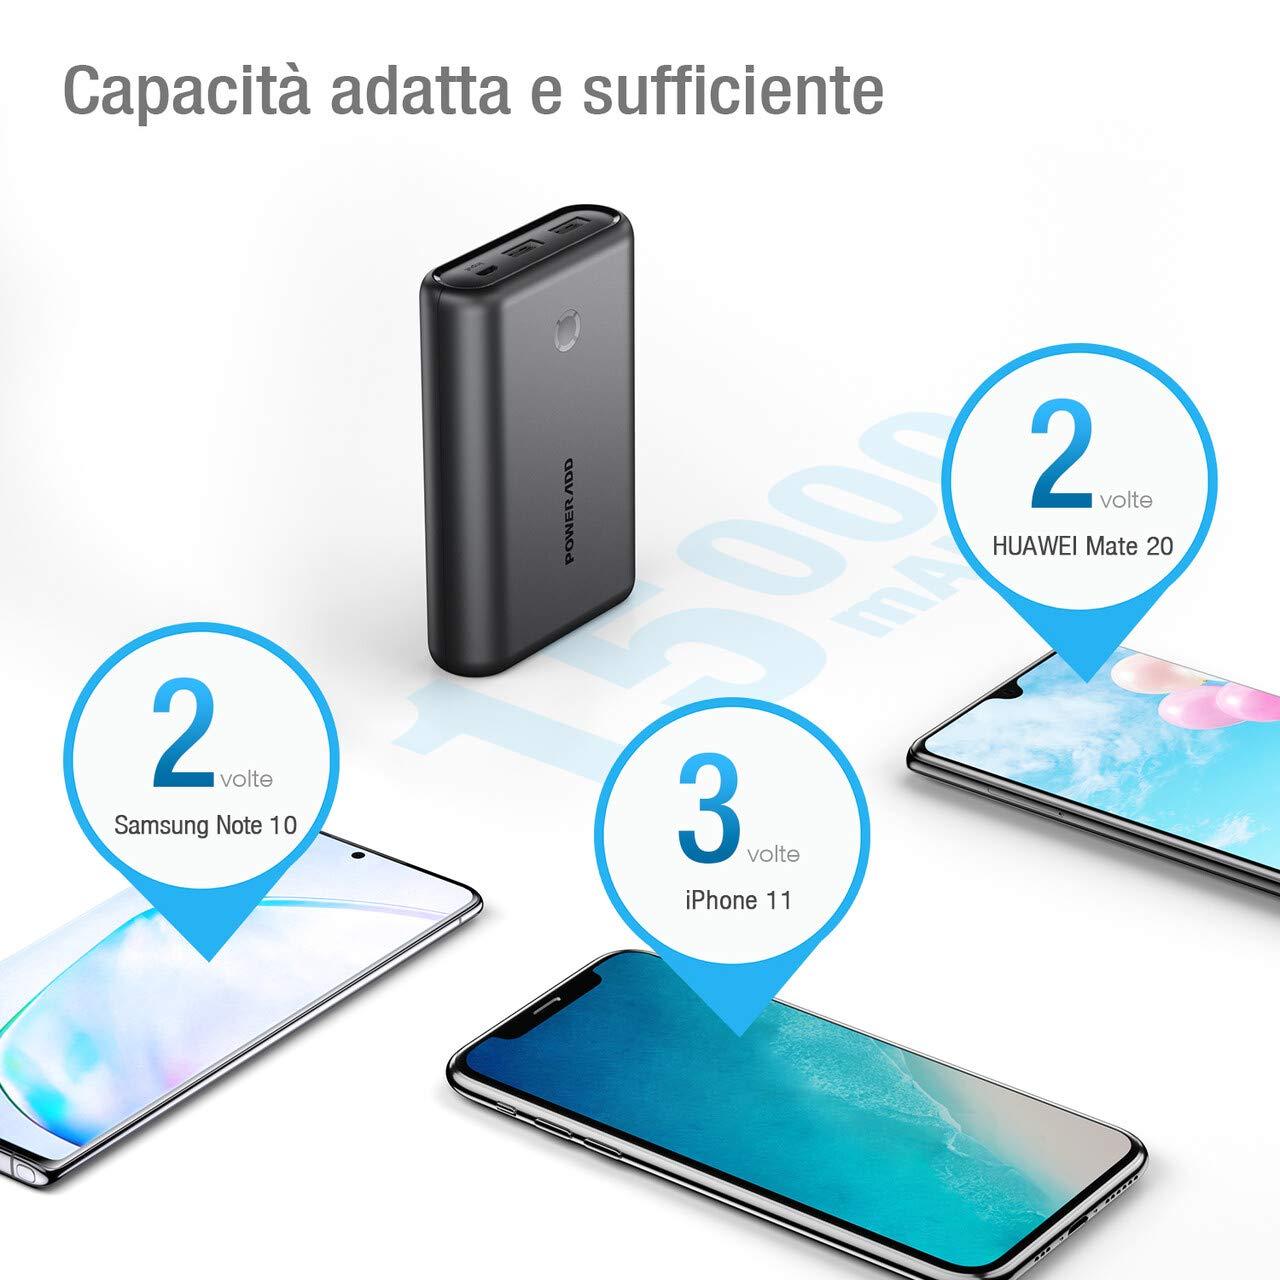 POWERADD Powerbank 15000mAh Caricabatterie Portatile 2 Output Carica Rapida per Huwei, Samsung, iPhone, Xiaomi e Tanti Altri